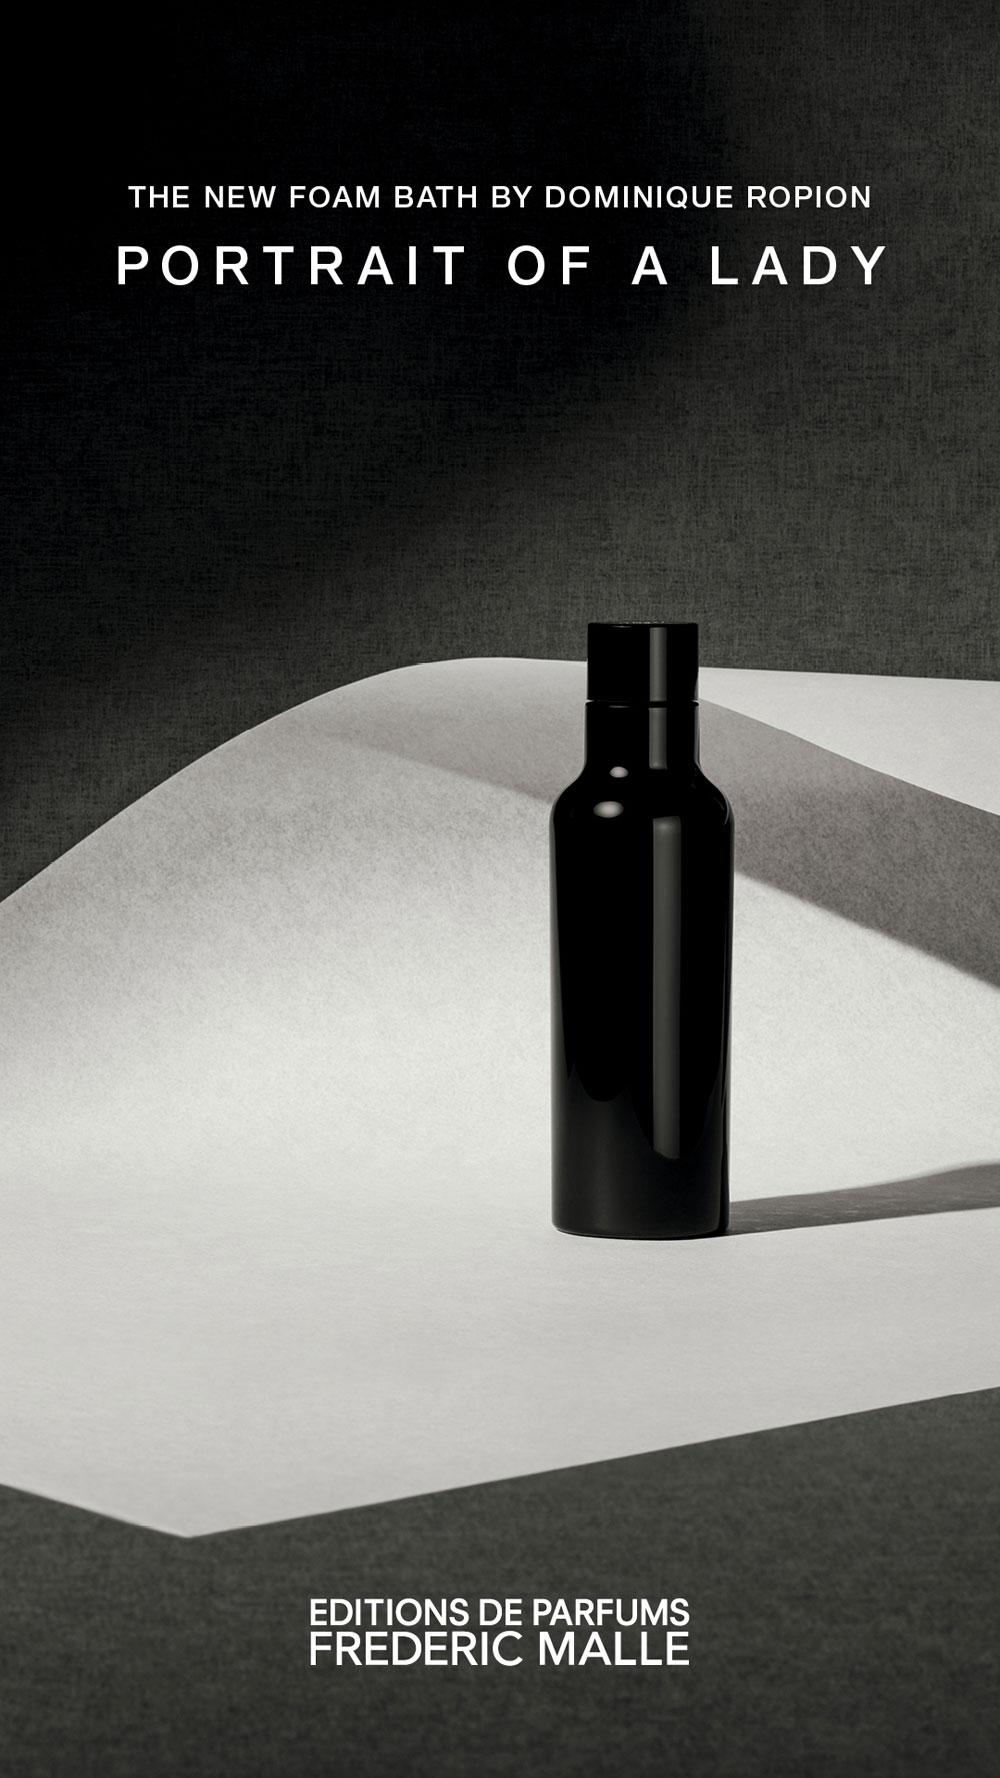 Zum 20. Jubiläum der Editions de Parfum lanciert Frédéric Malle The Bath Foam for Portrait of a Lady.